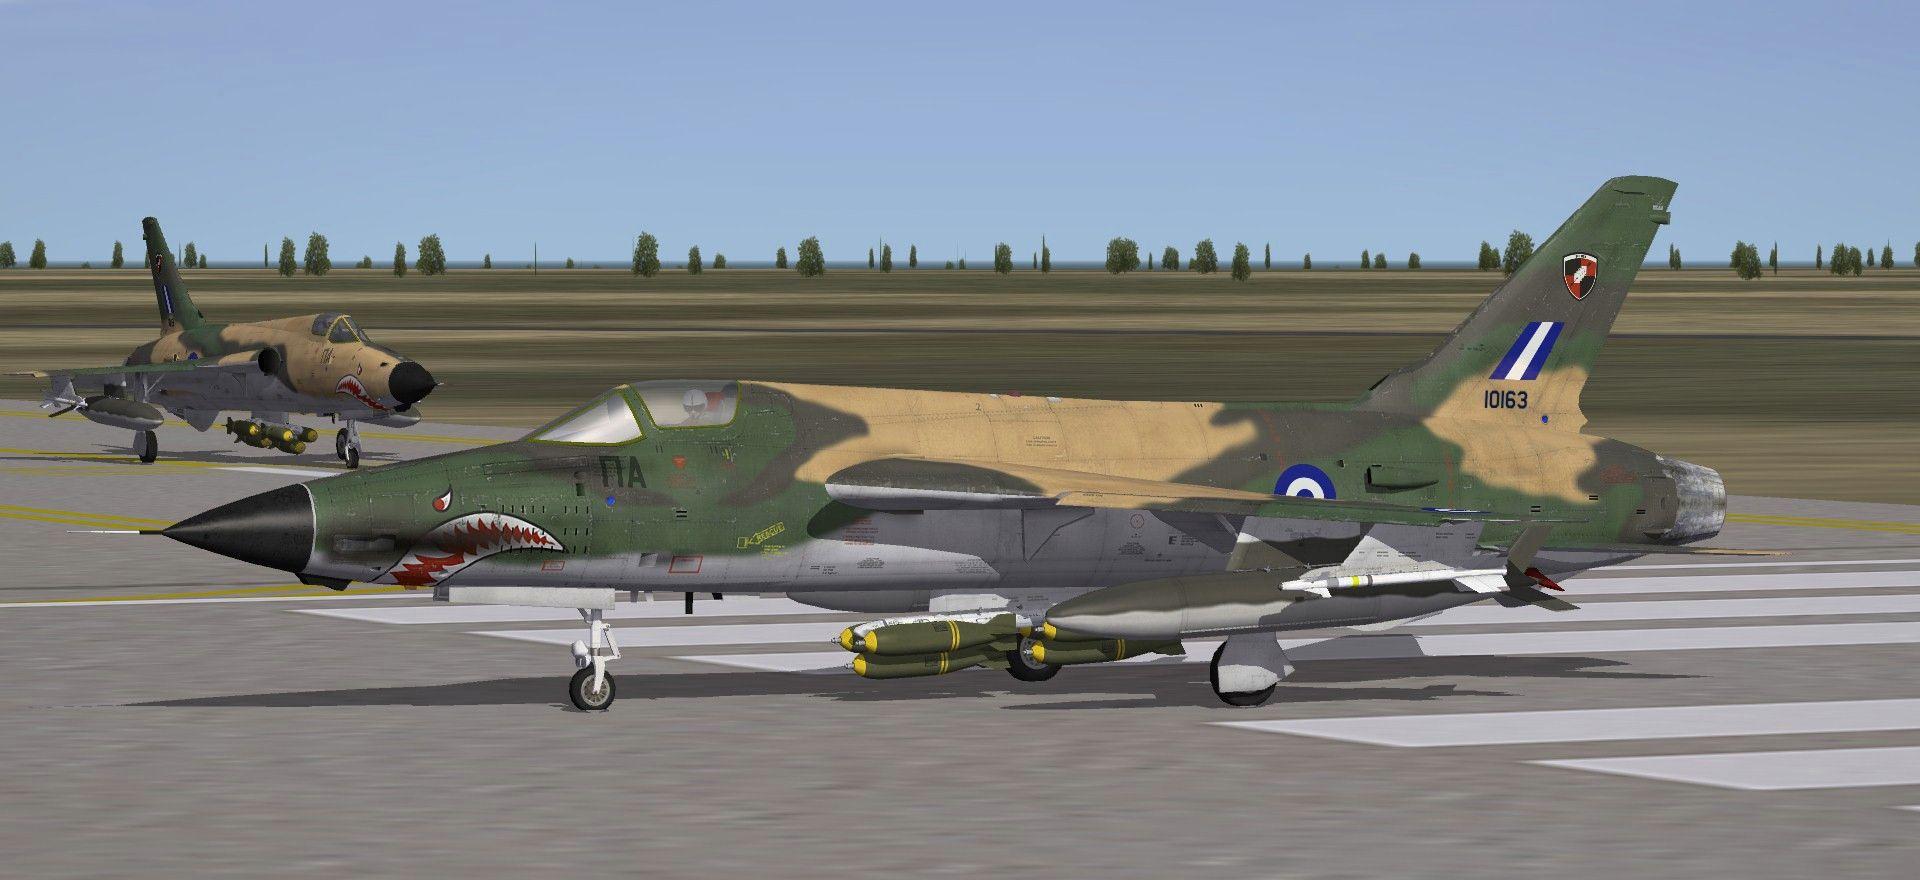 HAFF-105HTHUNDERCHIEF01_zps4d494905.jpg